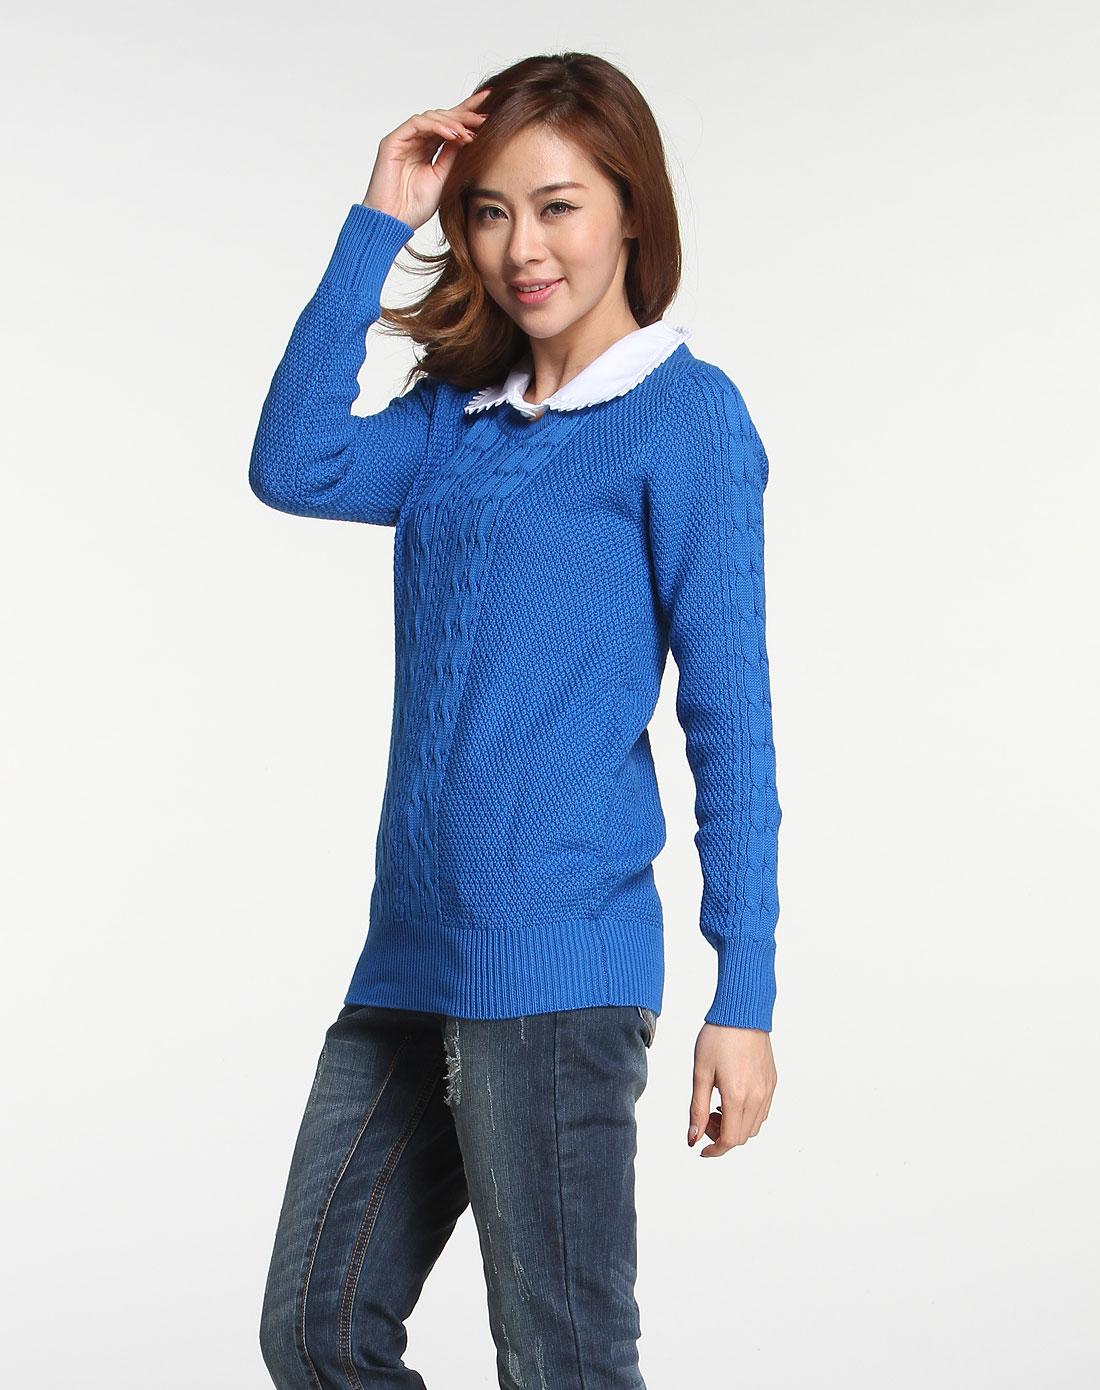 威丝曼wsm天蓝色花边领长袖针织衫nc010092b21